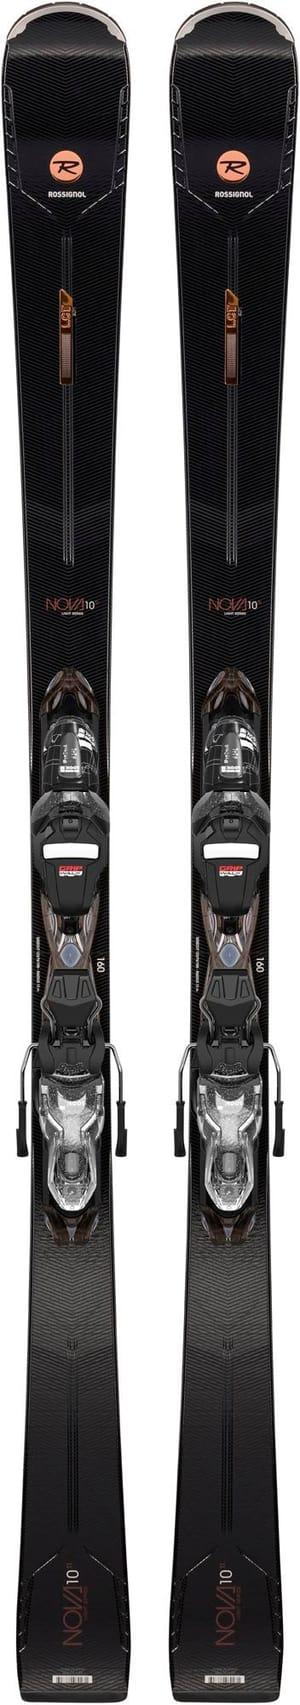 Nova 10 TI inkl. Xpress 11 GW